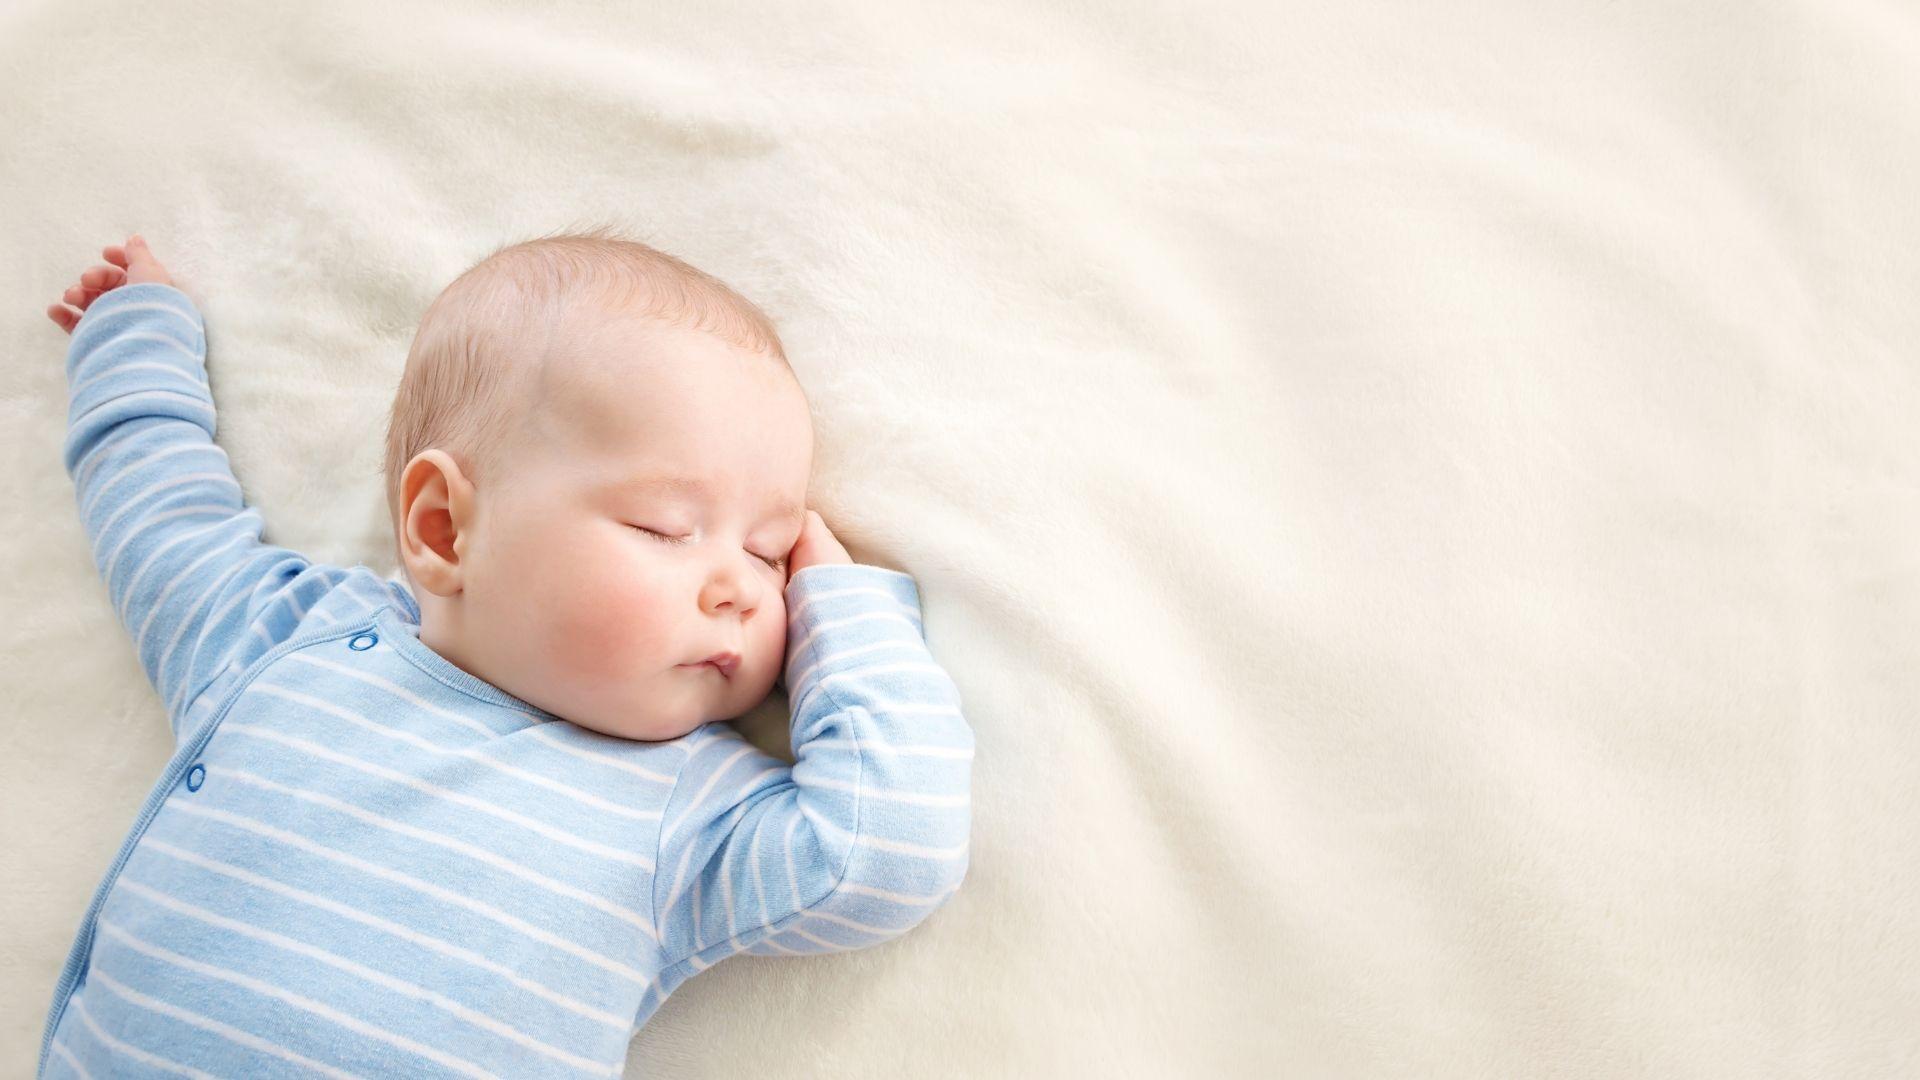 Come si evita la sindrome della morte improvvisa del lattante (SIDS)